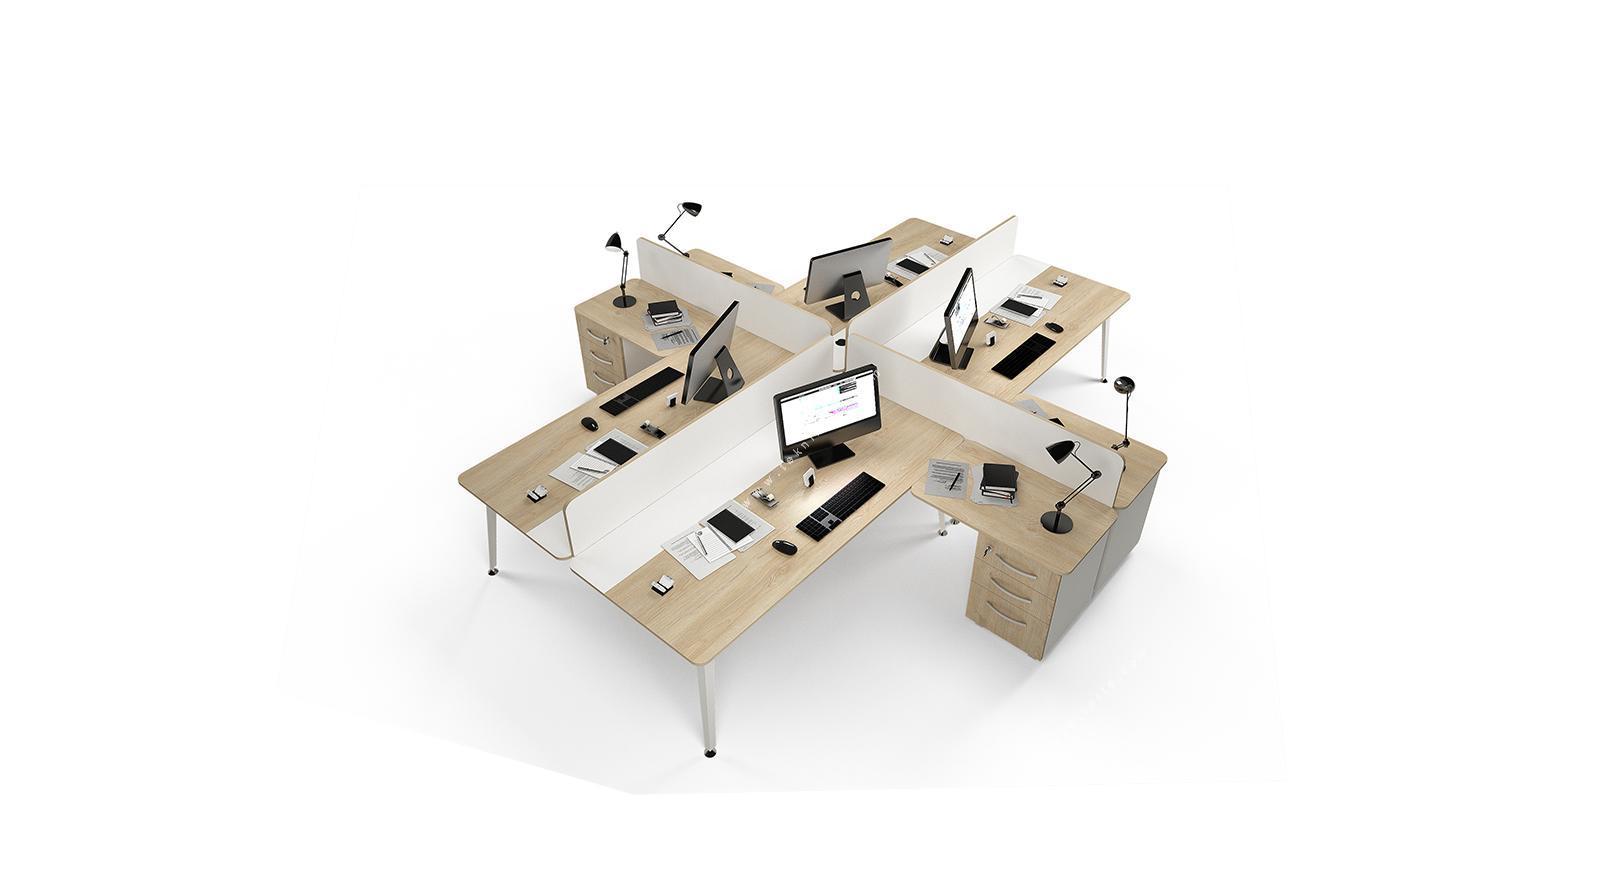 rediste melamin seperatörlü etajerli dörtlü çalışma masası 362cm